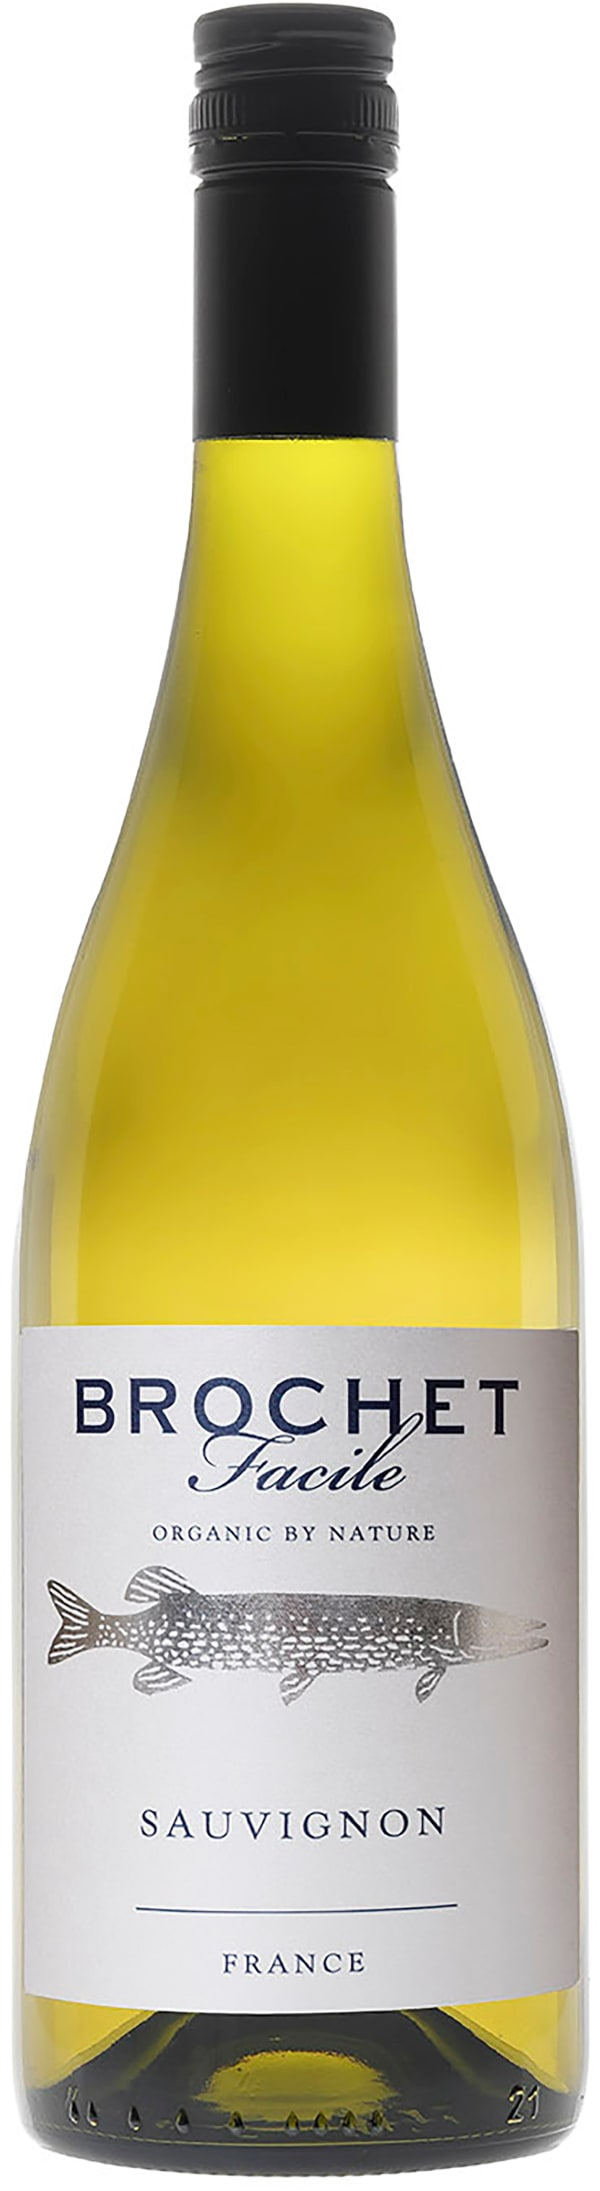 Brochet Facile Organic Sauvignon Blanc 2017